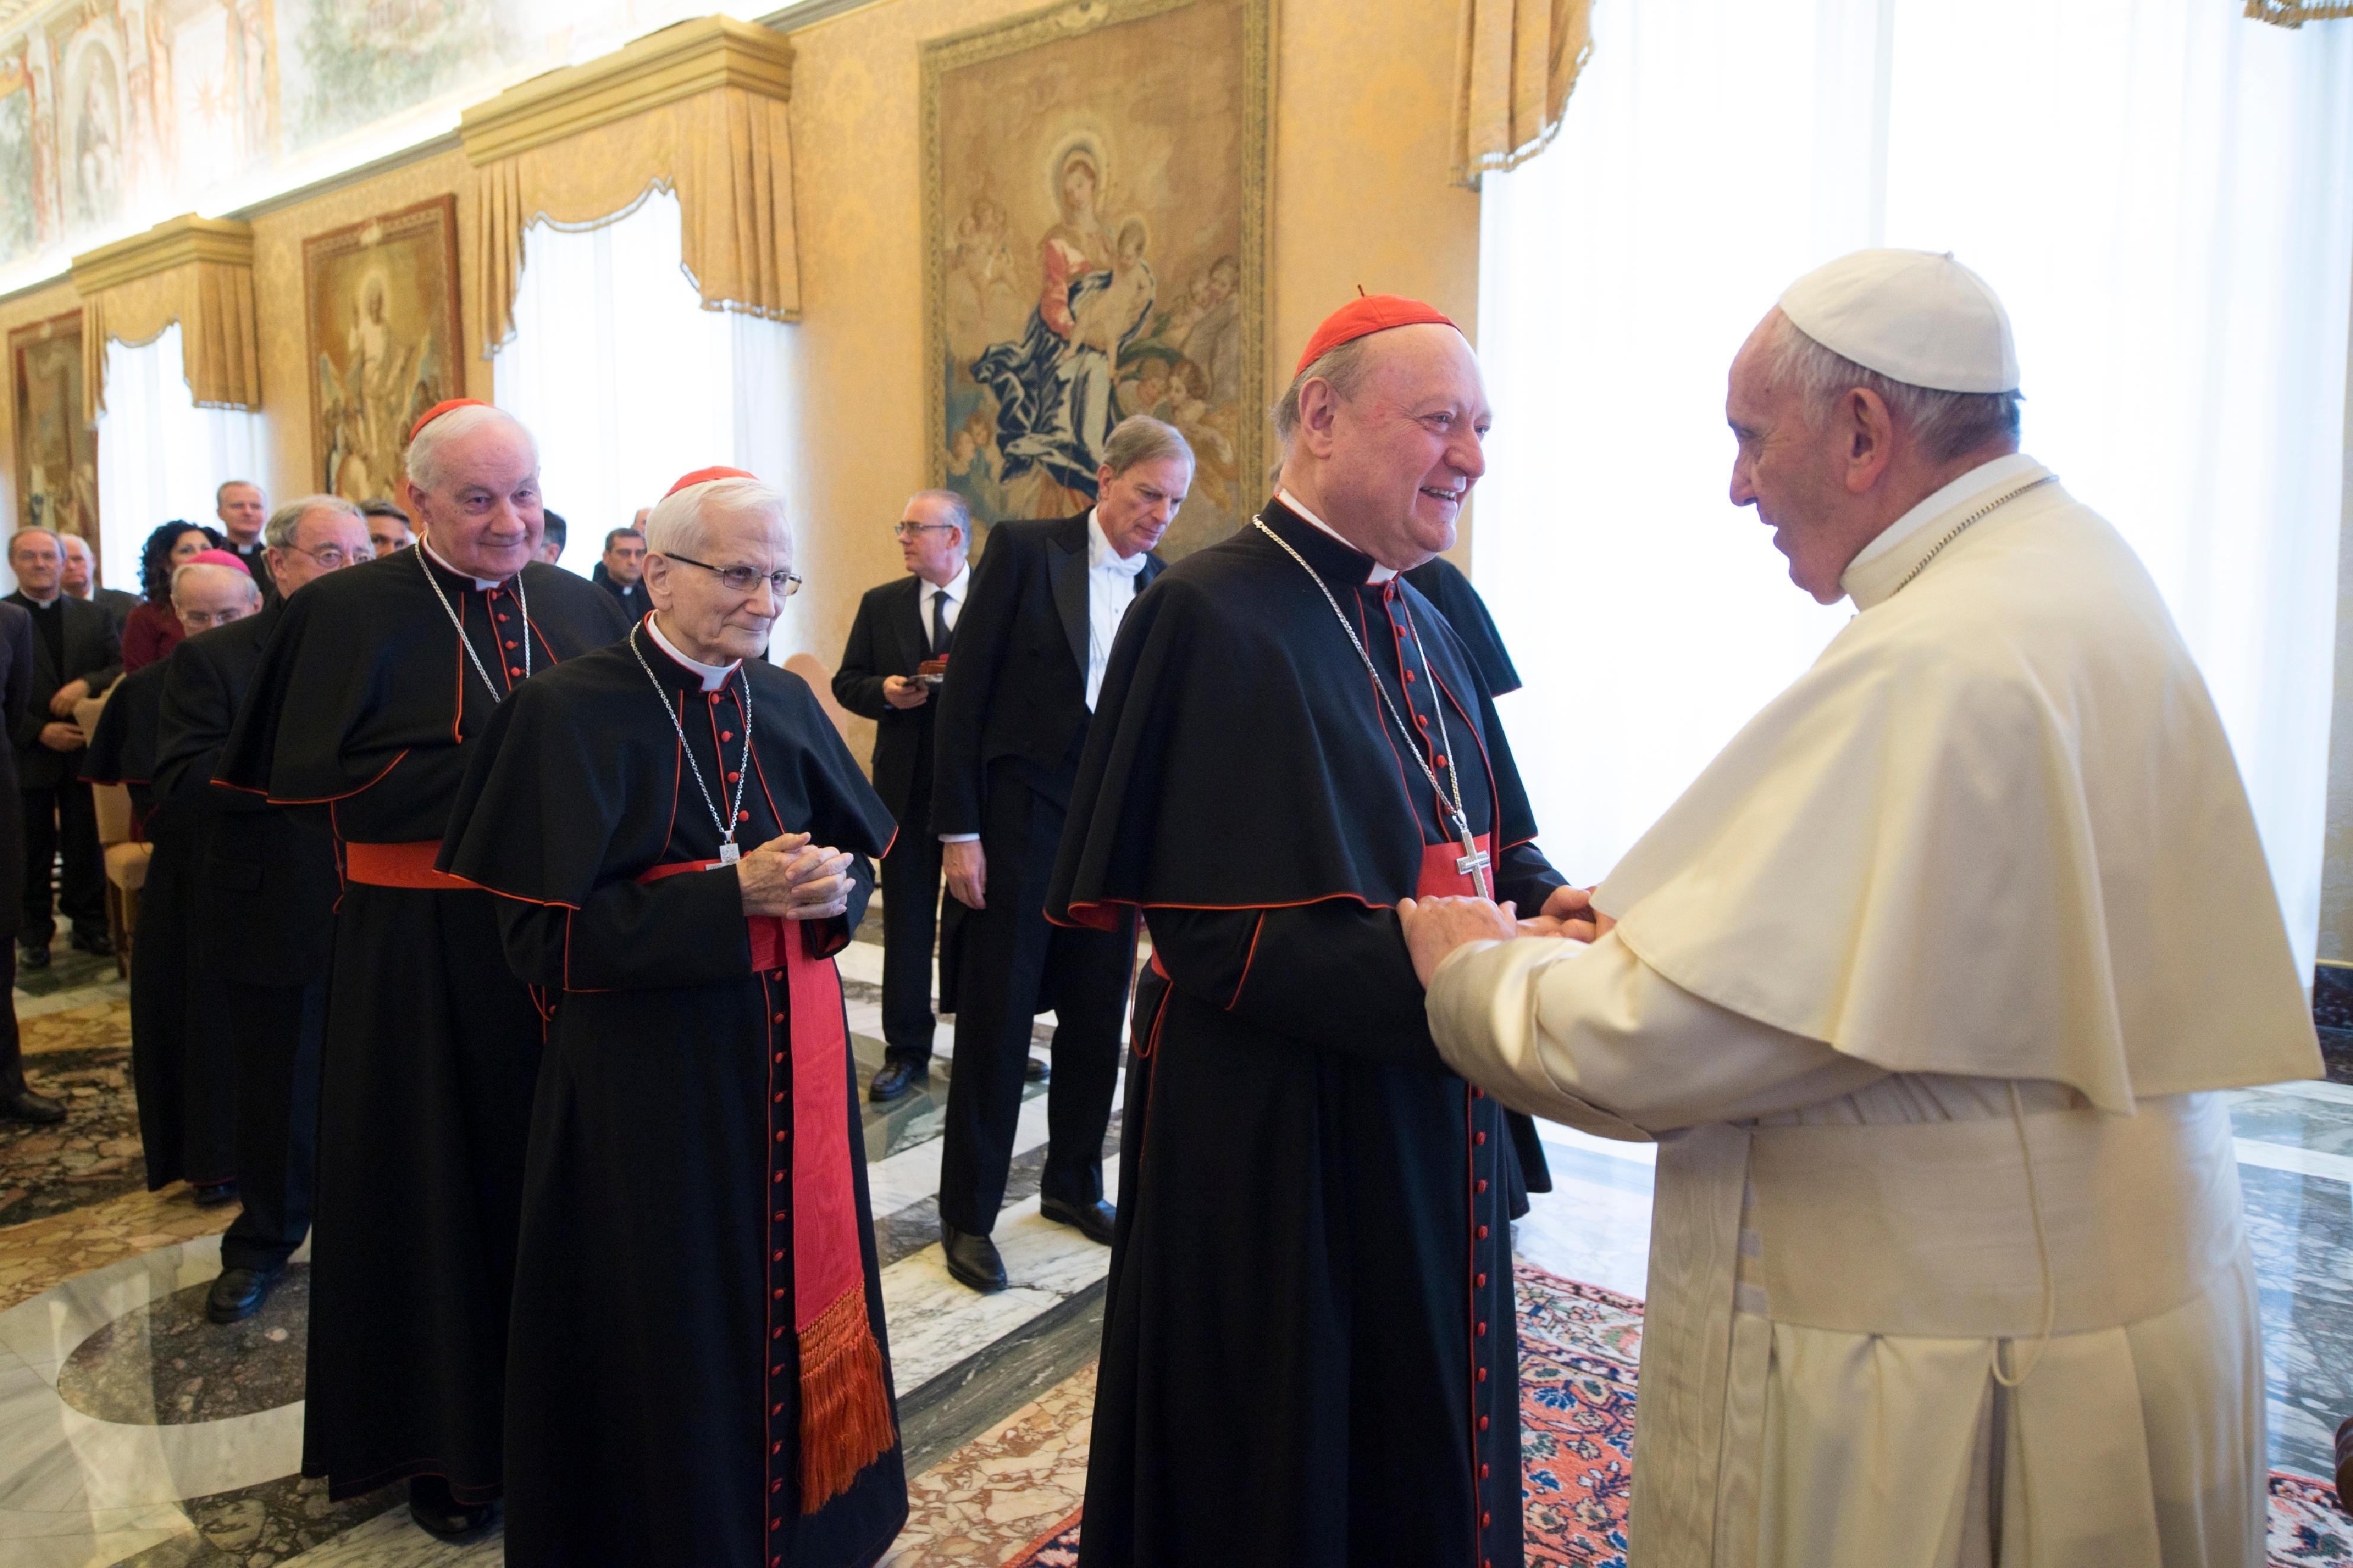 El Papa saluda a miembros de la Congregación para la Doctrina de la Fe © Vatican Media